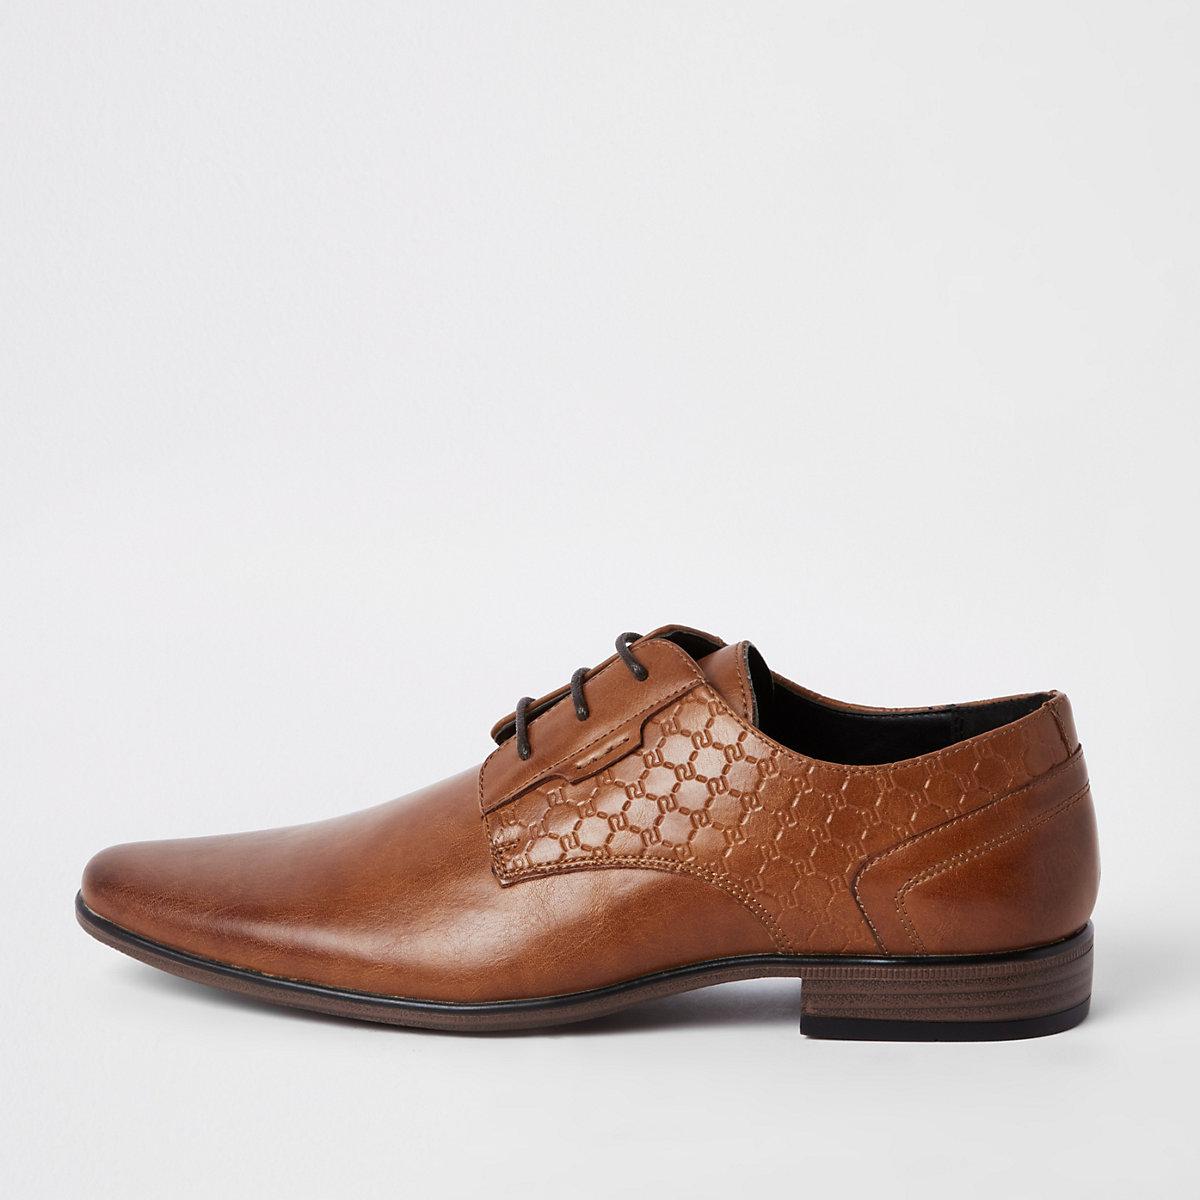 Chaussures derby marron avec logo RI en relief